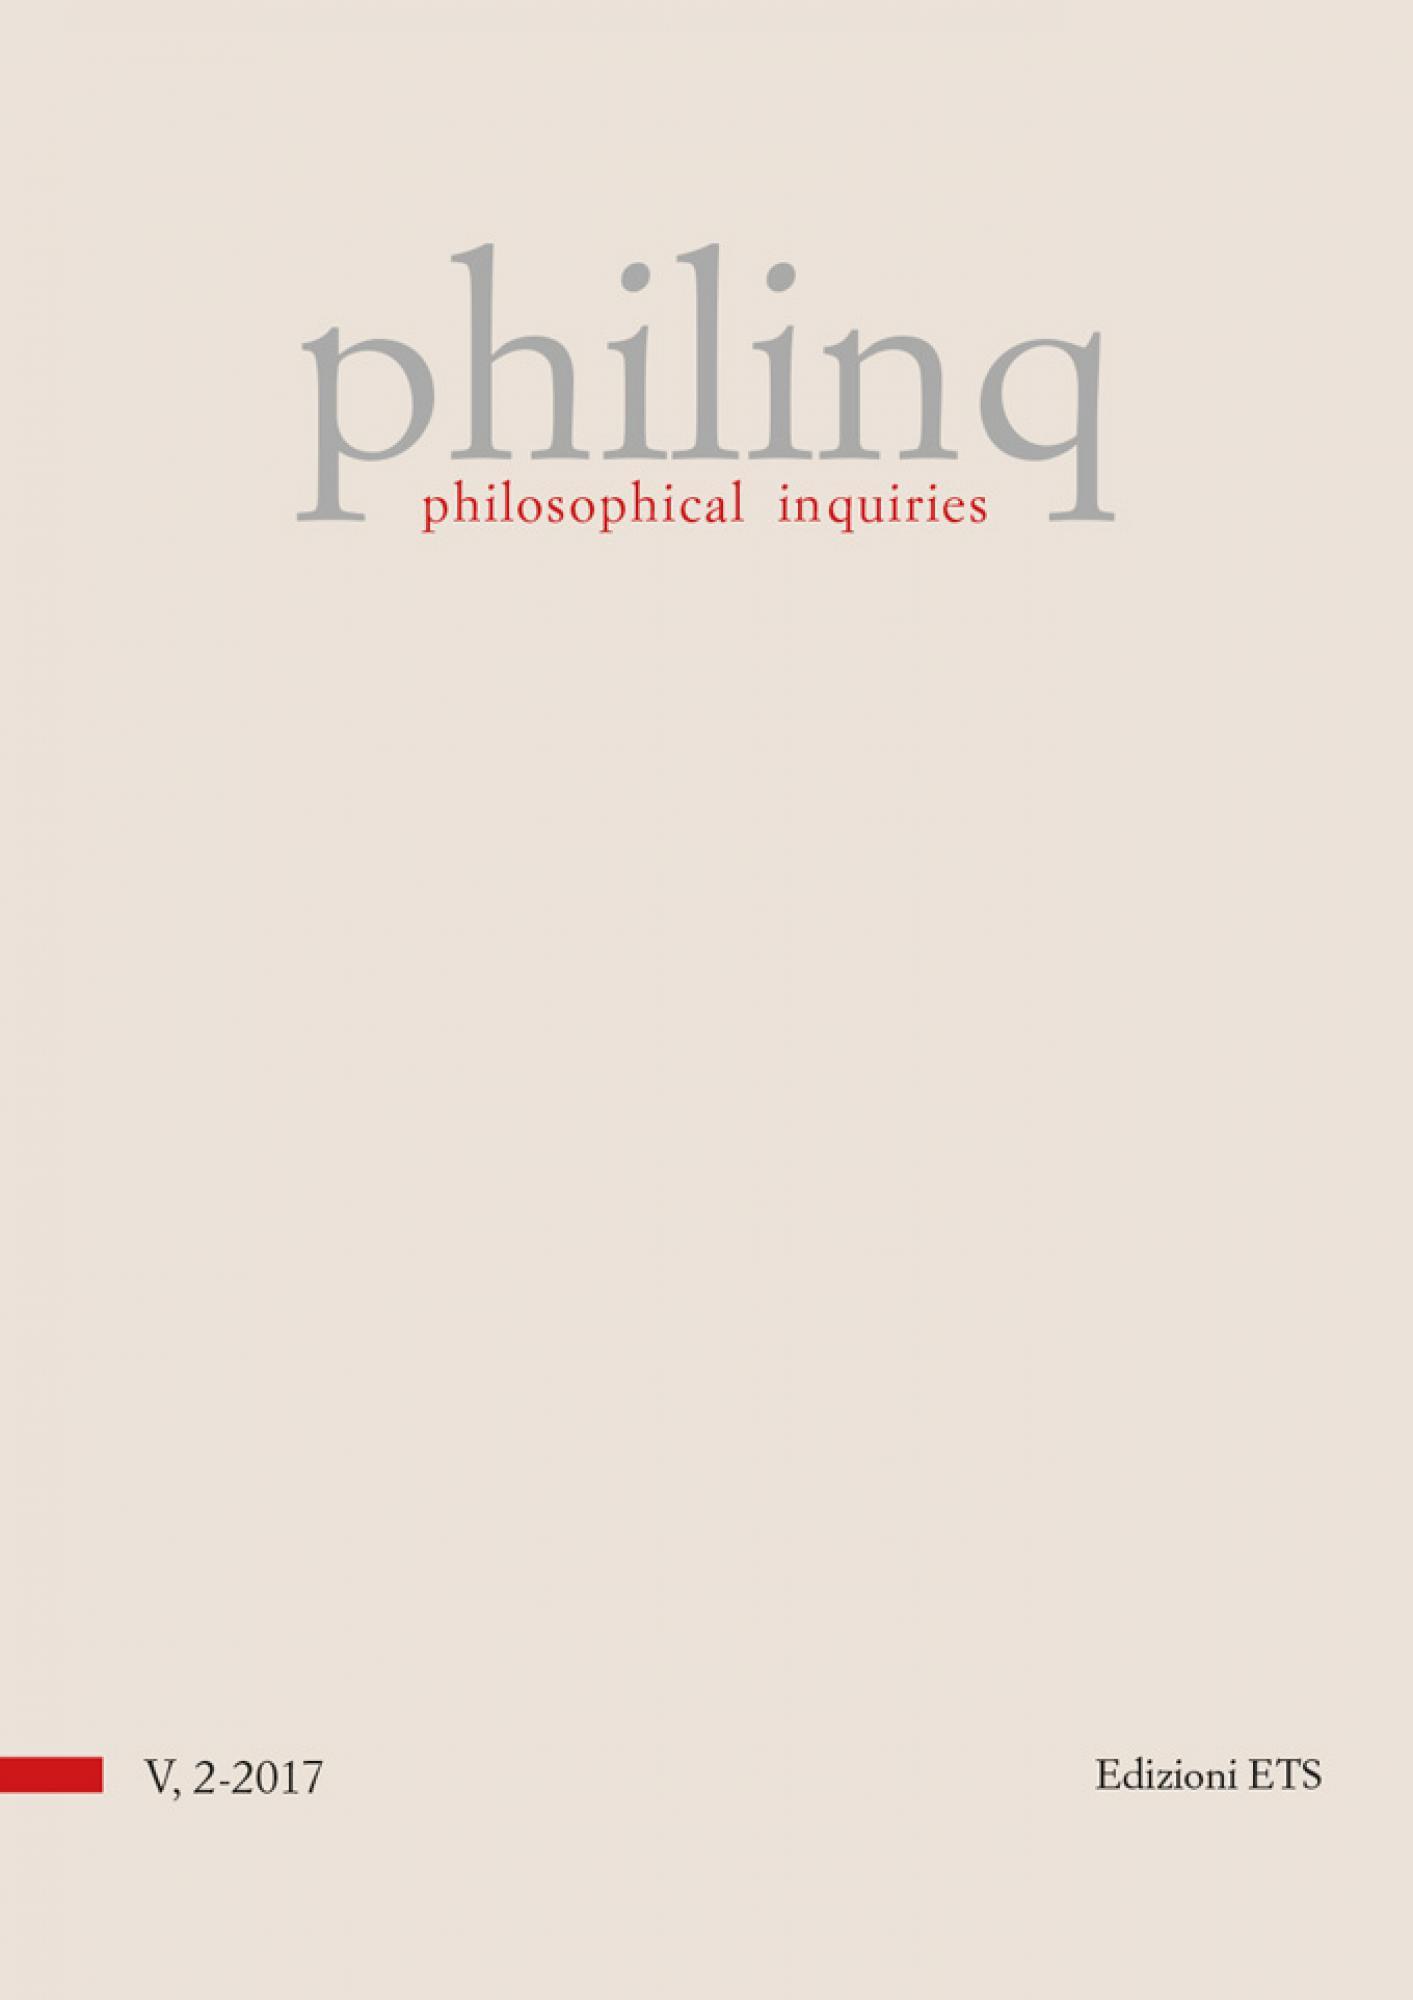 philosophical inquiries.volume 5, issue 2-2017